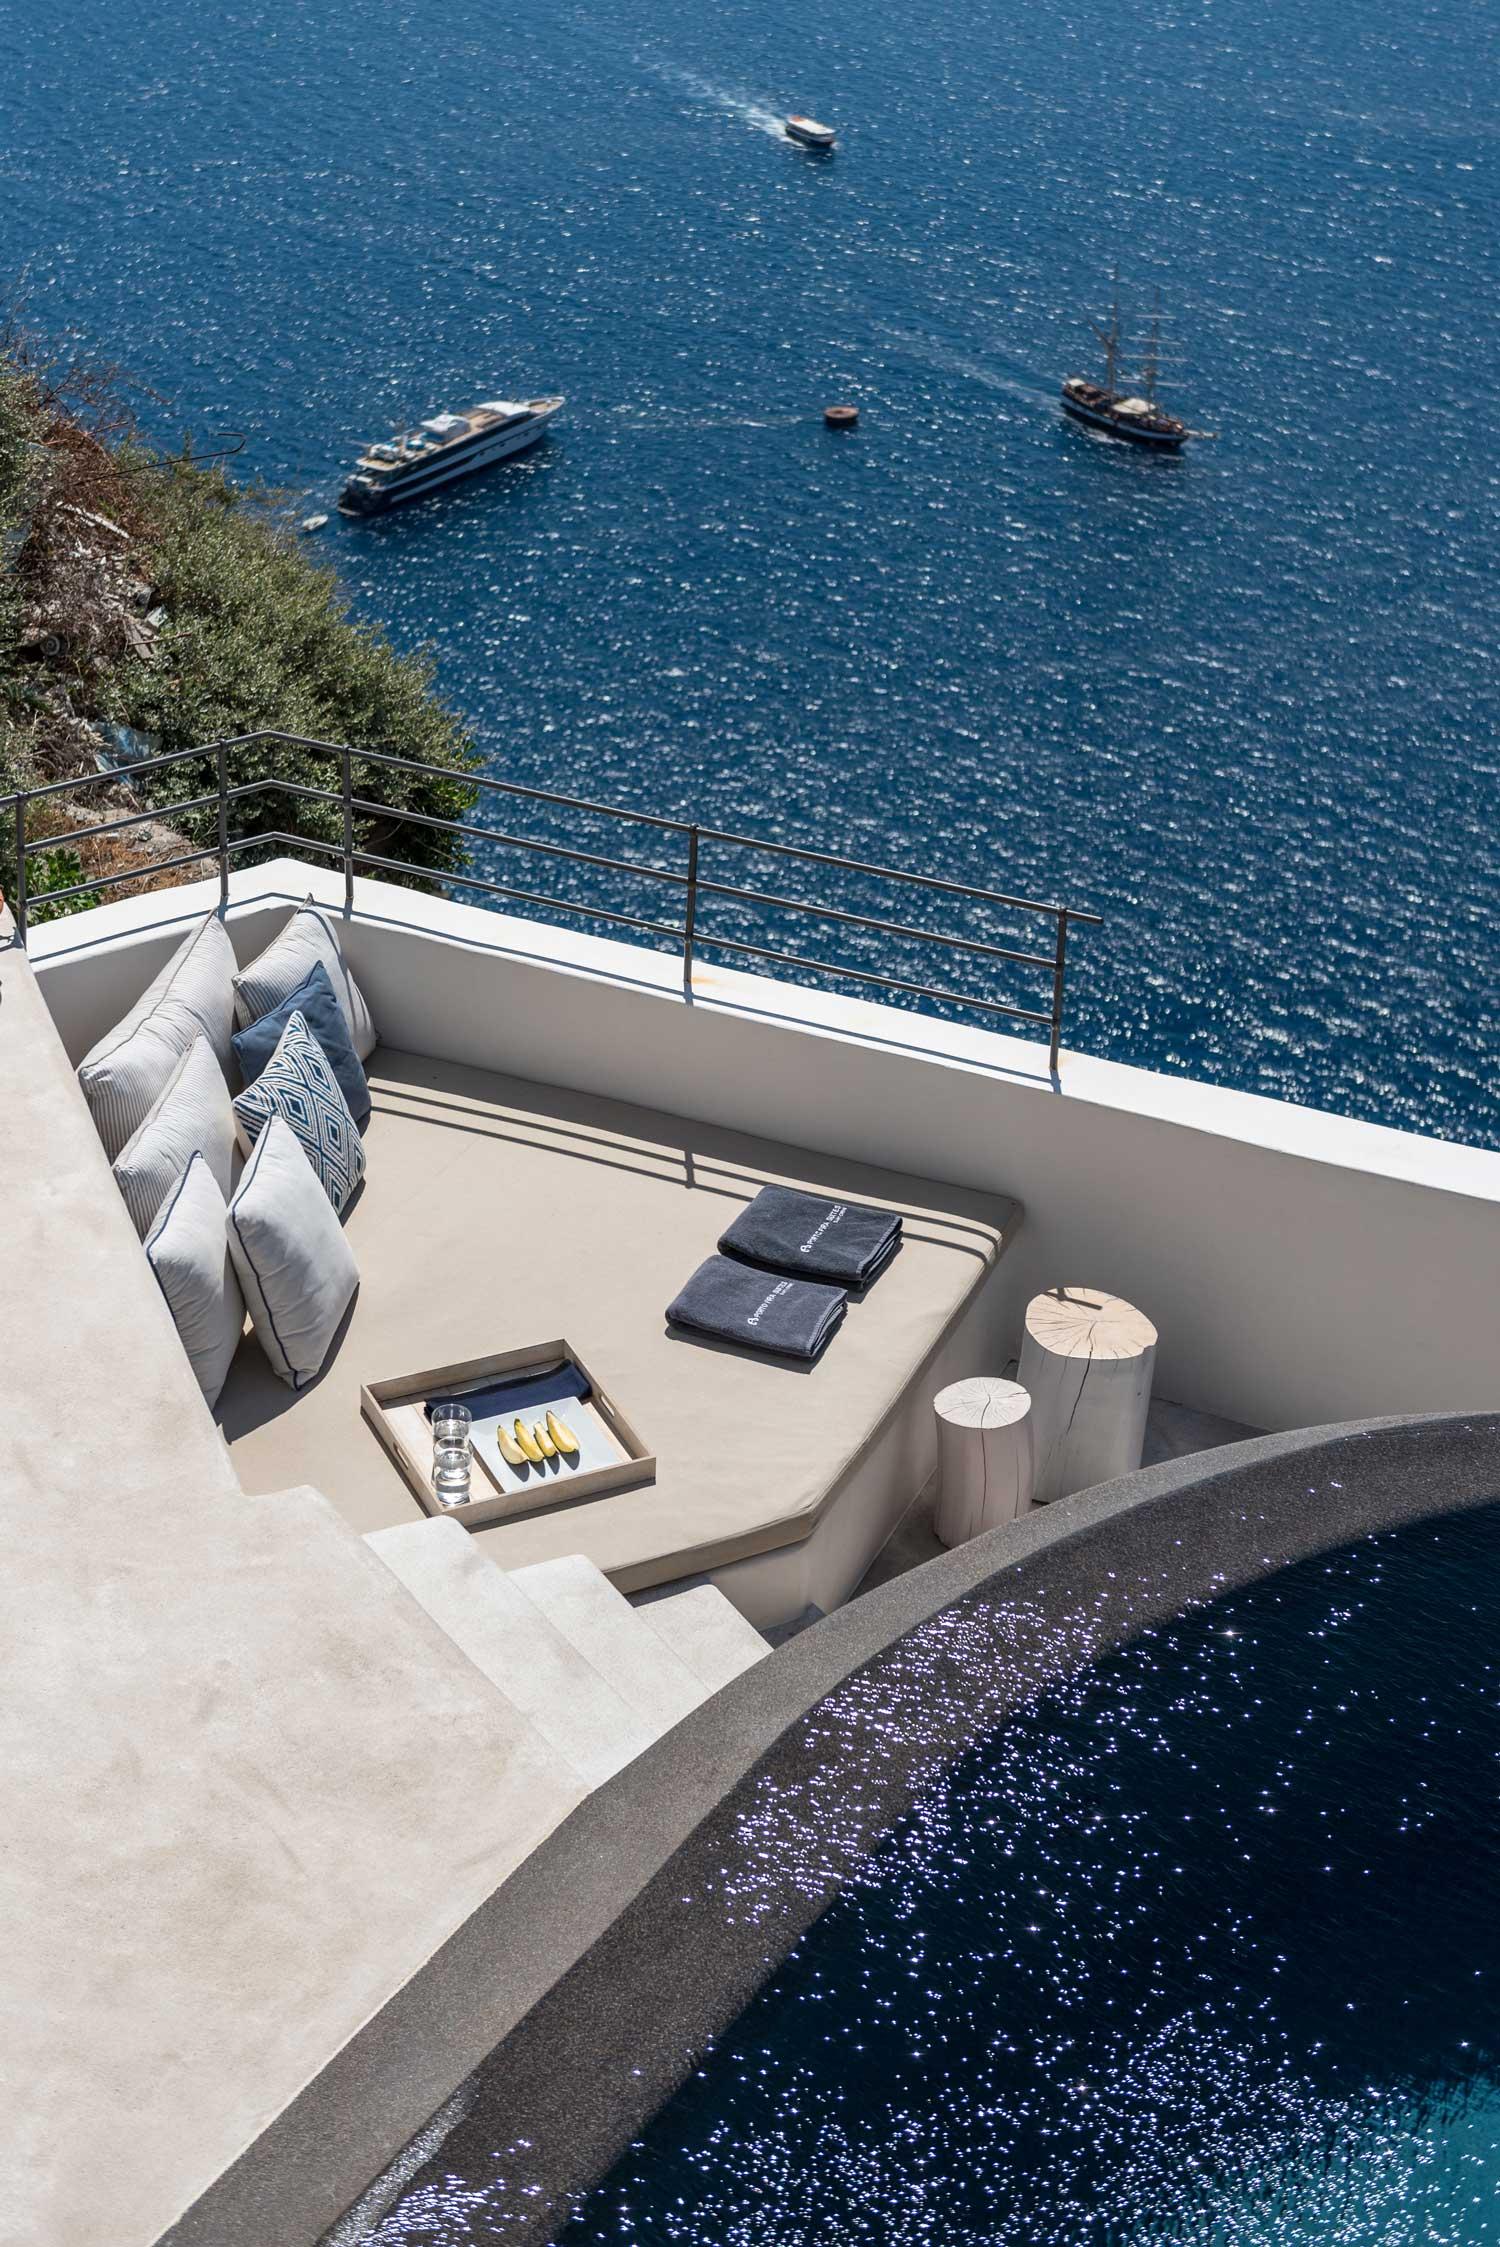 Porto-Fira-Suites-Hotel-in-Santorini-by-Interior-Design-Laboratorium-Yellowtrace-23.jpg